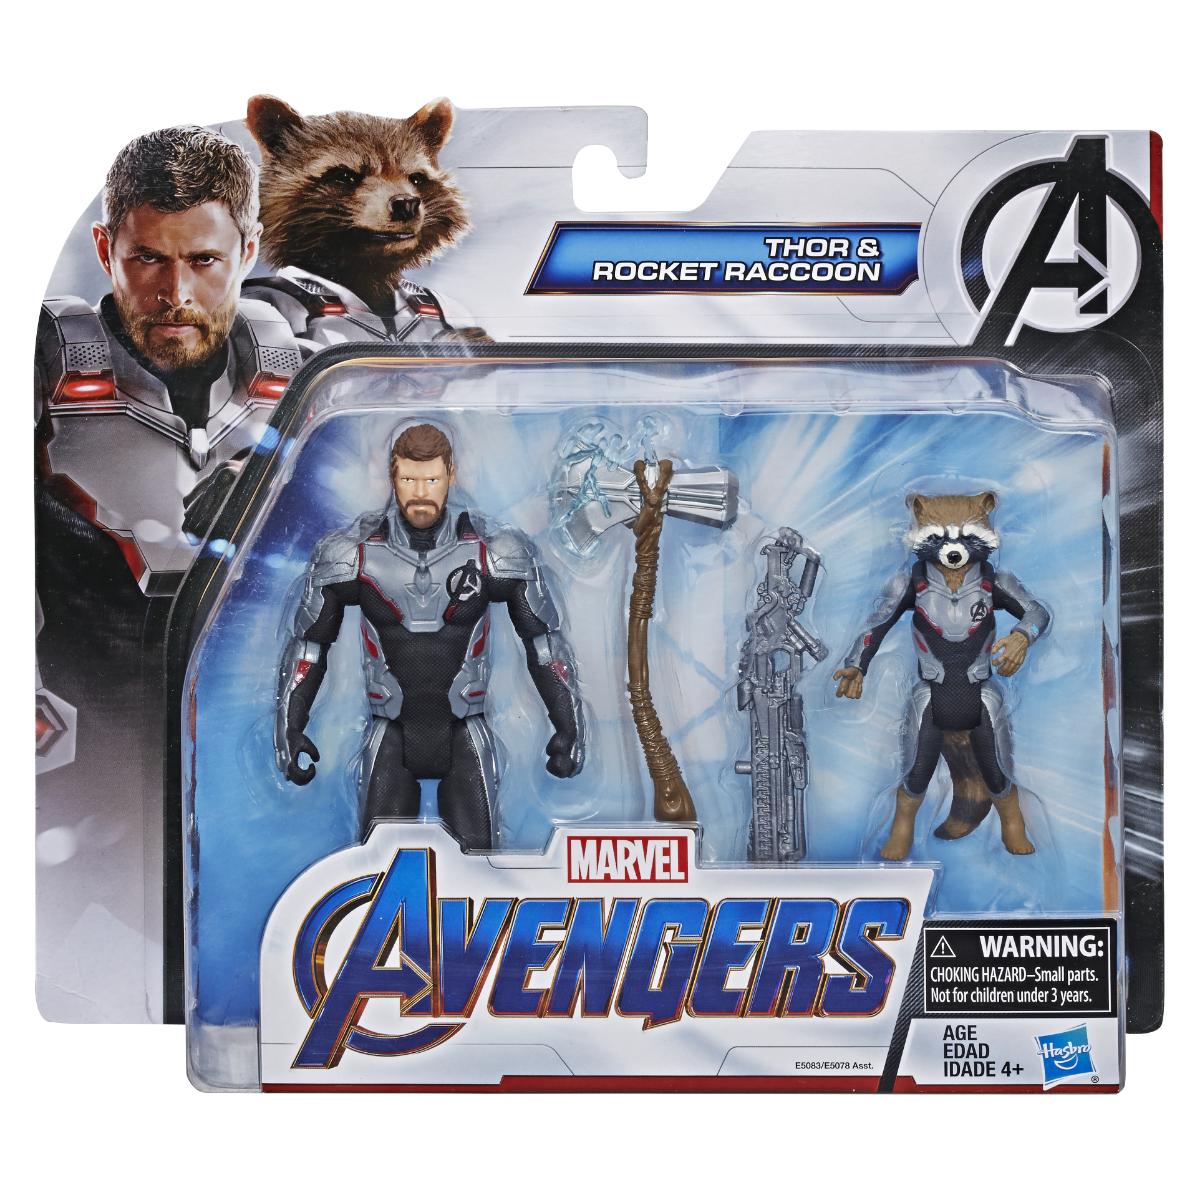 Marvel Vengadores Titan Hero Series Rocket Raccoon Figura Los Vengadores Nuevo